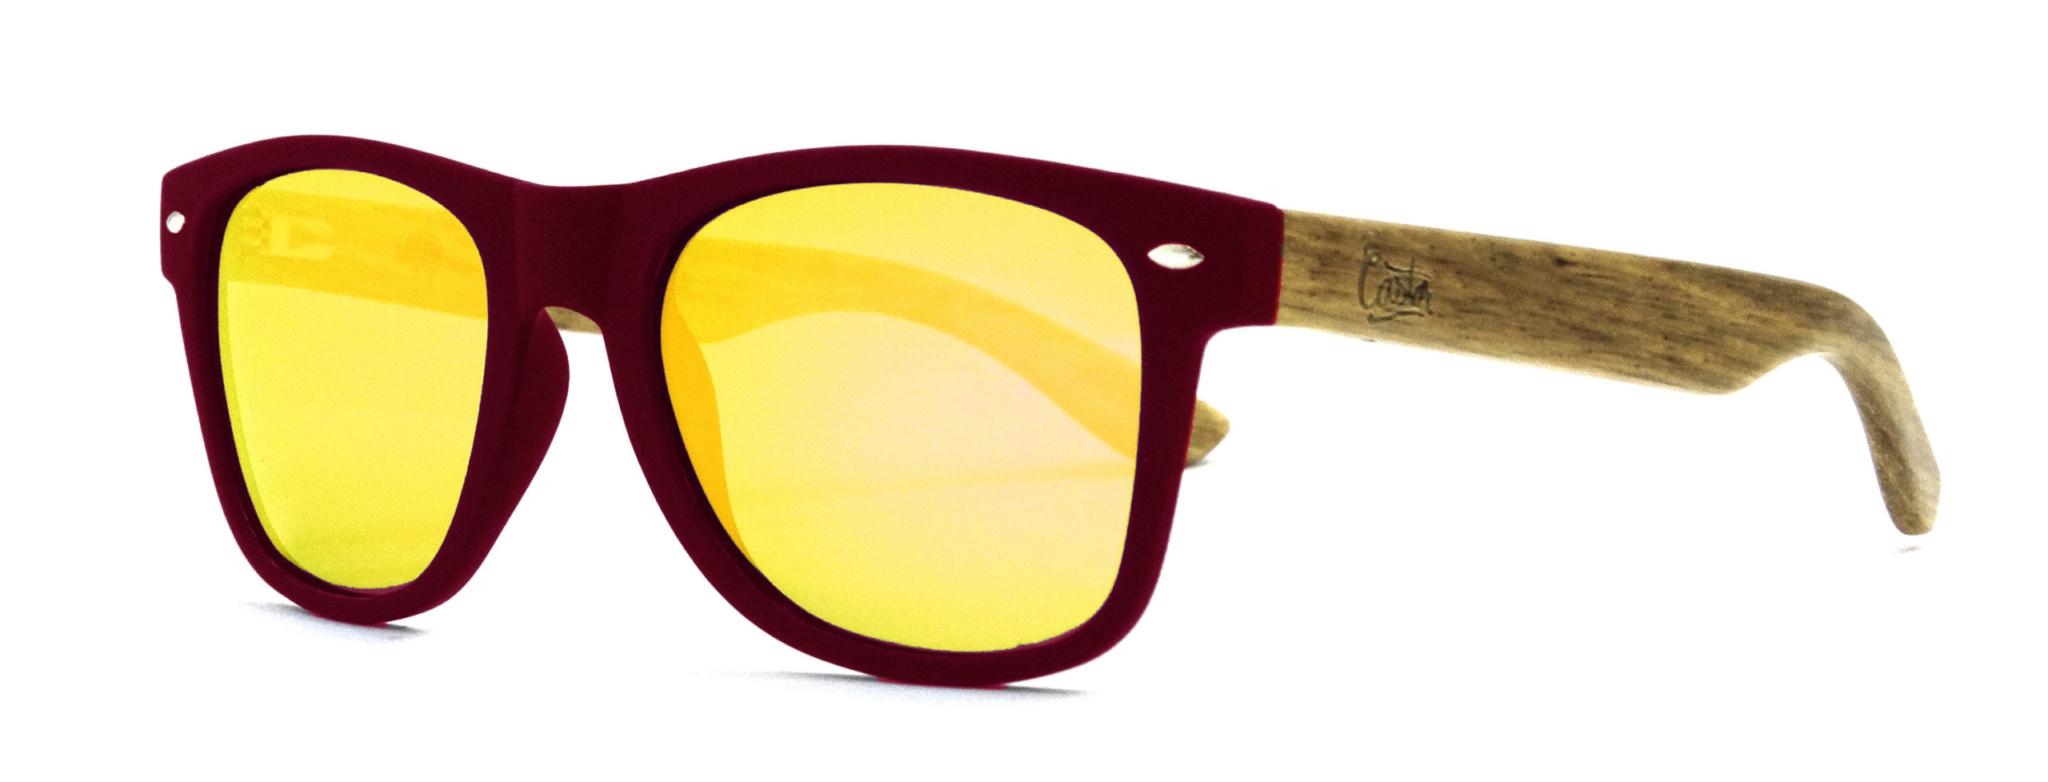 decd0058-145b-gafas-de-sol